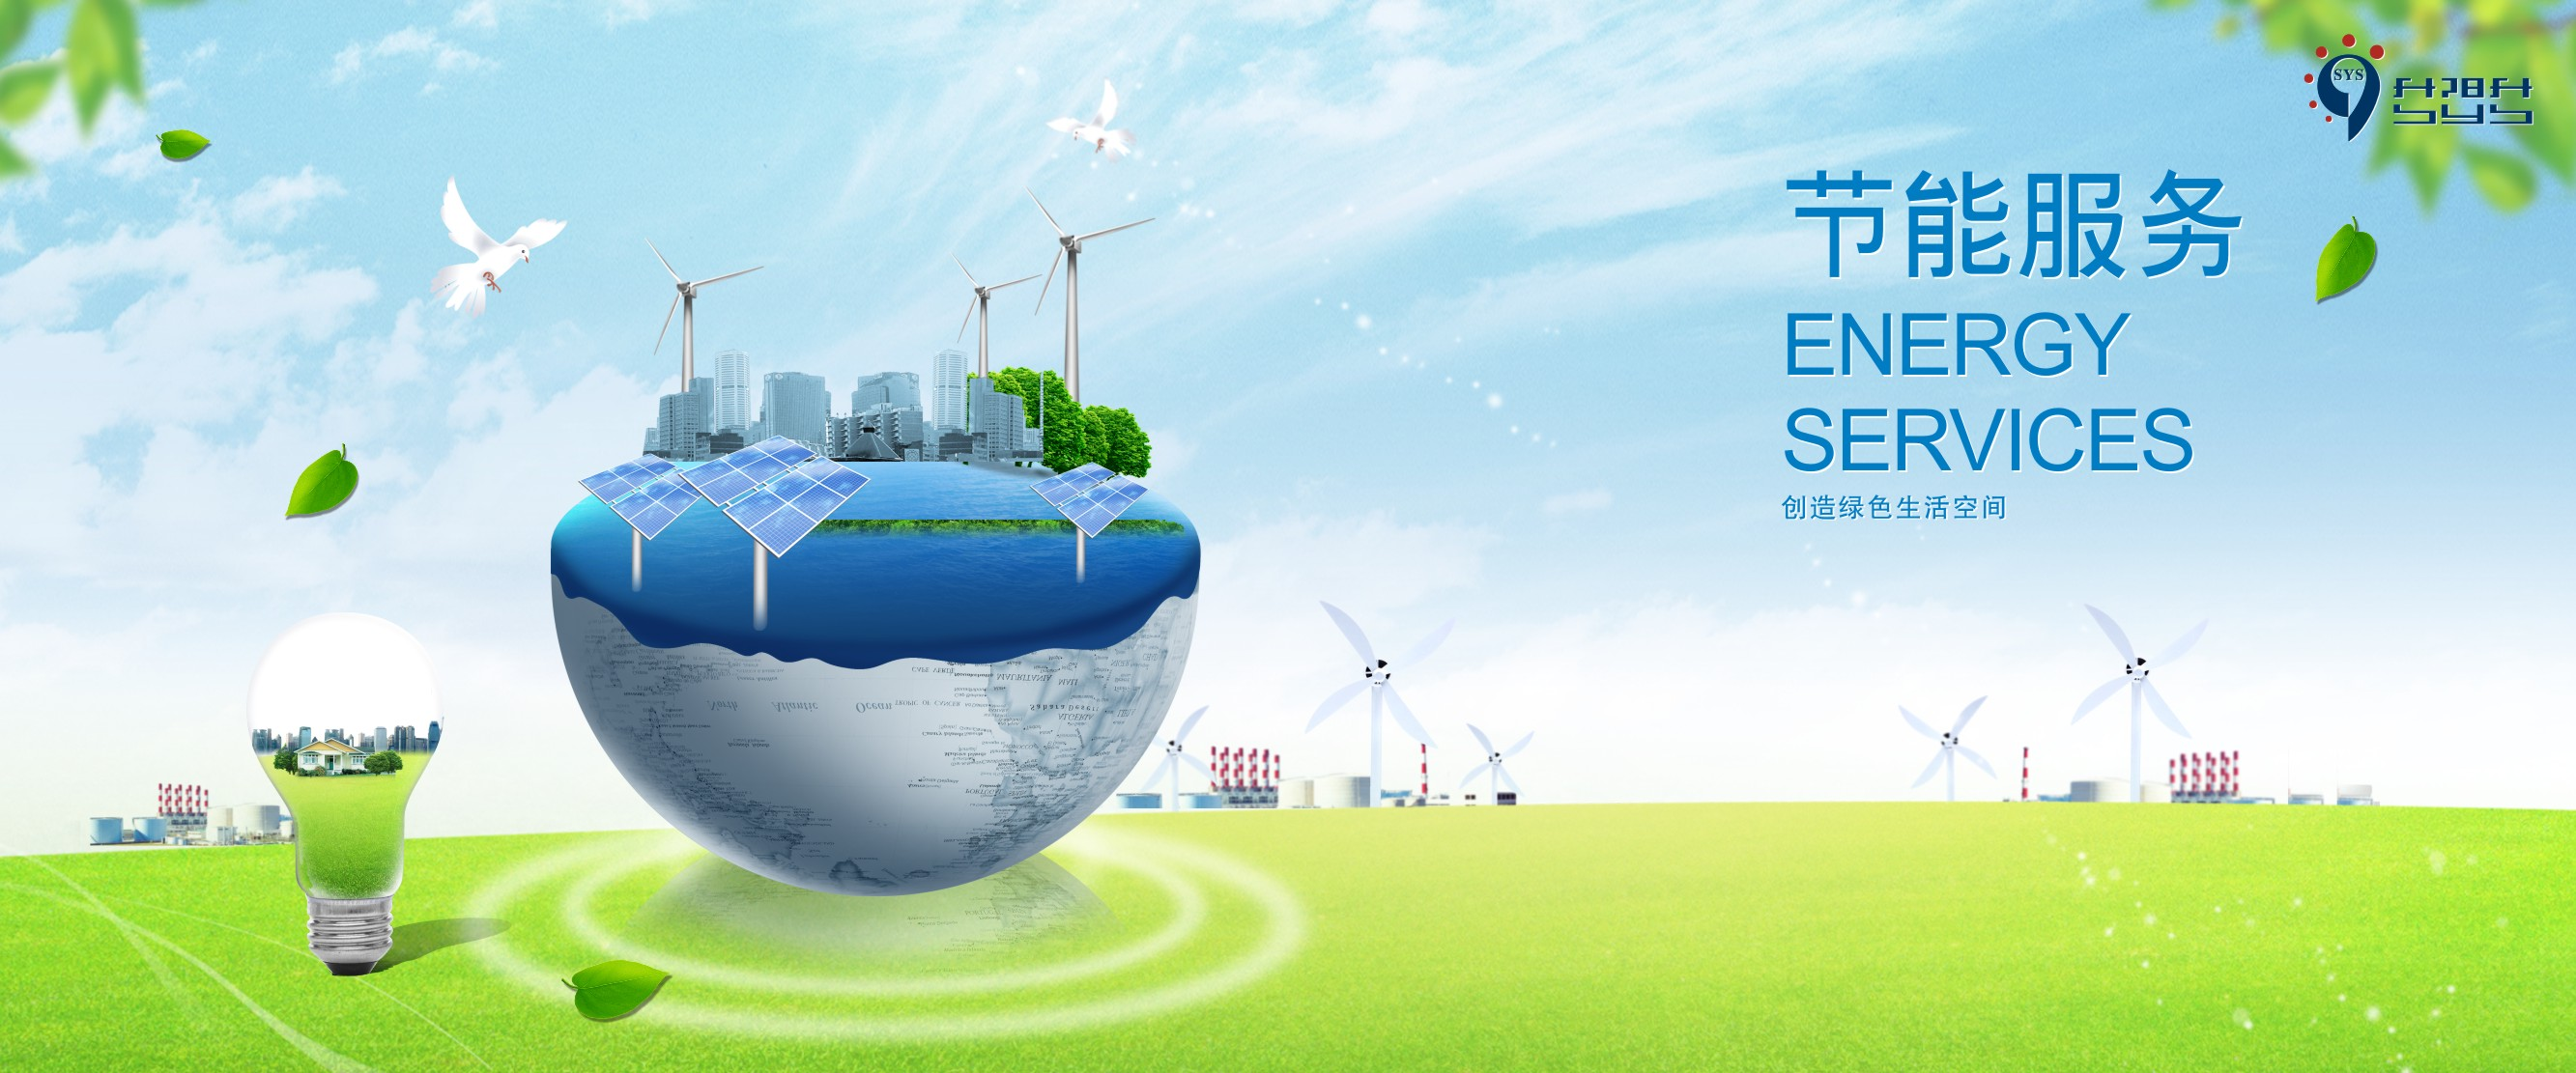 通过低碳,绿色,环保的led照明产品,引领人类走向更加环保和人性化的